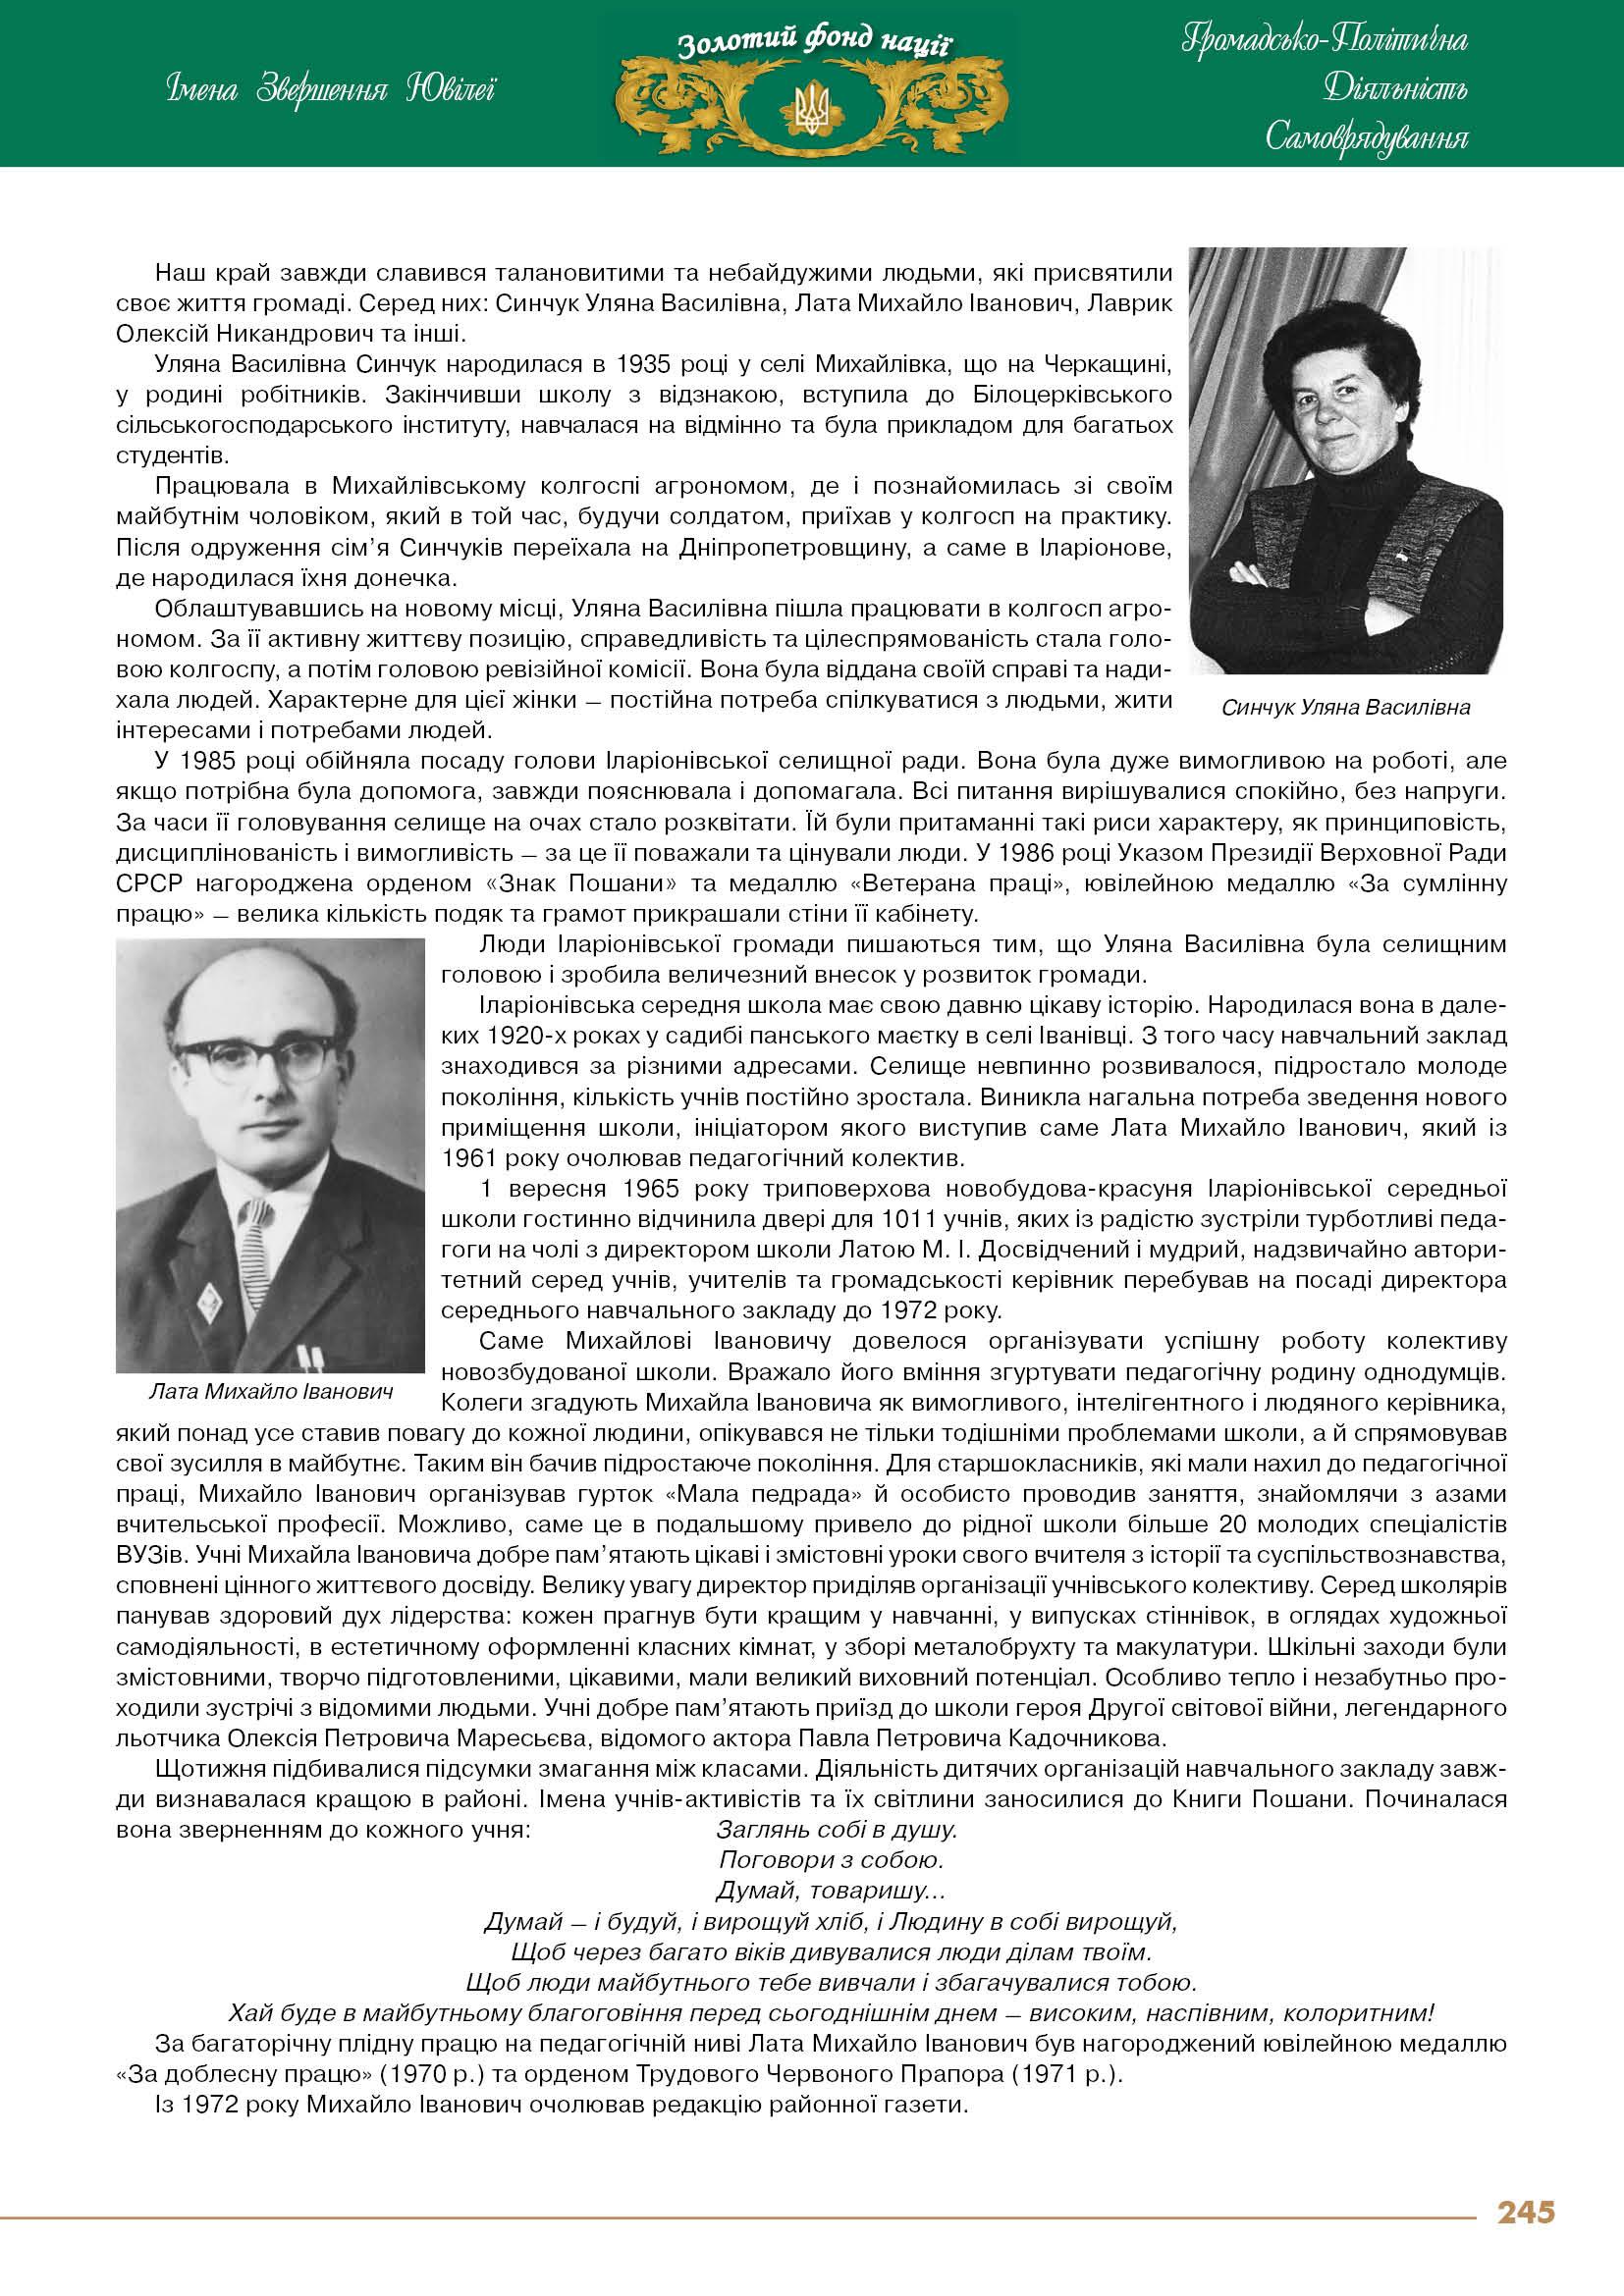 Екзархов Дмитро Іванович